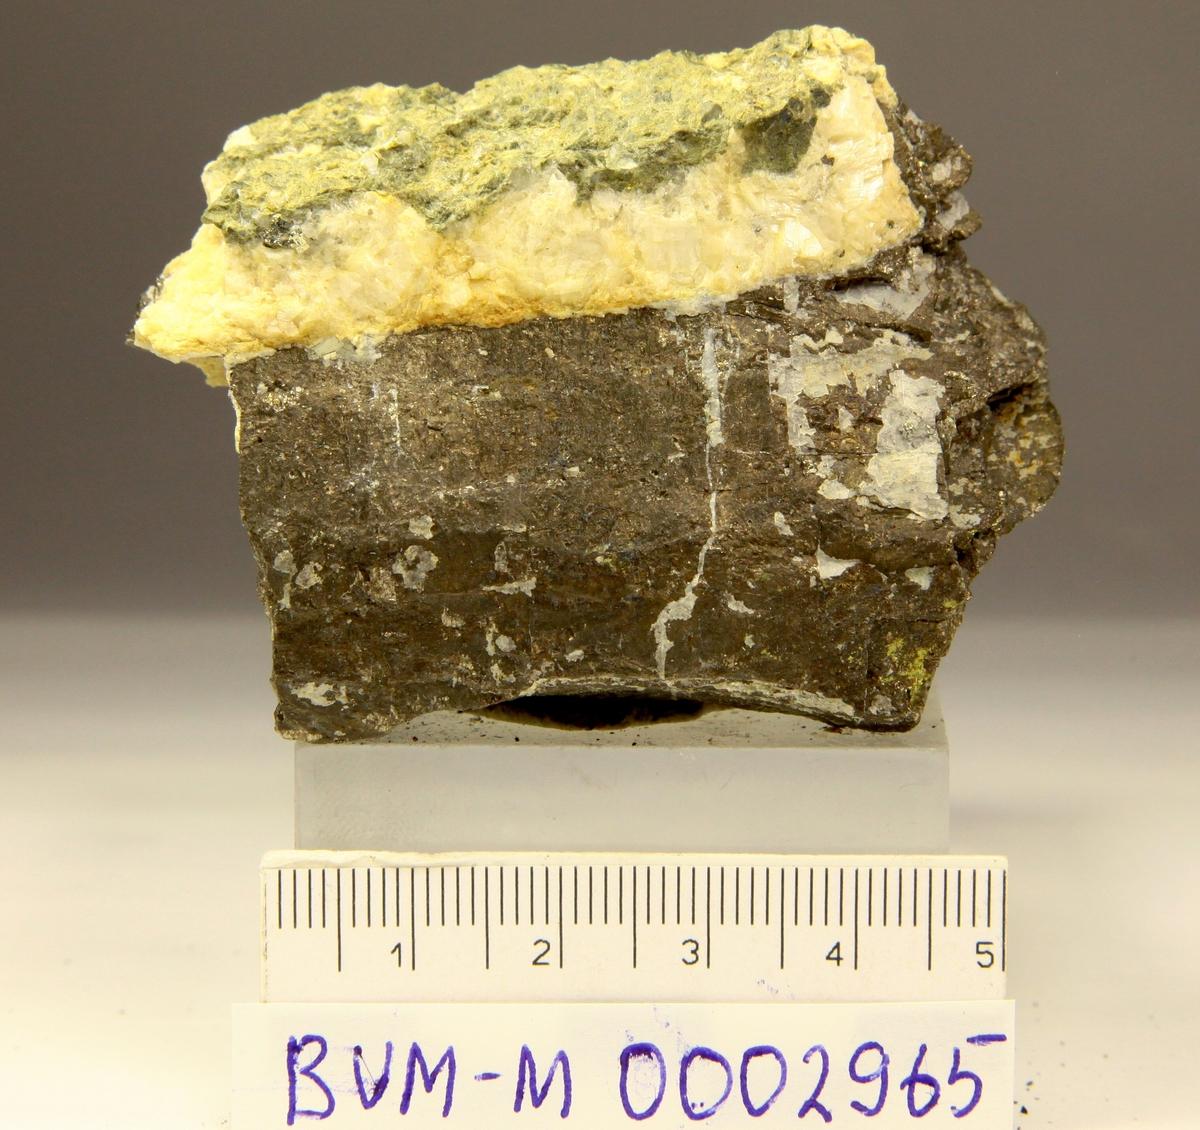 Grovkornet pyrrhotitt, mulig 2 krystallflater, med hvit karbonat. Mannsfjellstunnelen, E39, Skaun.